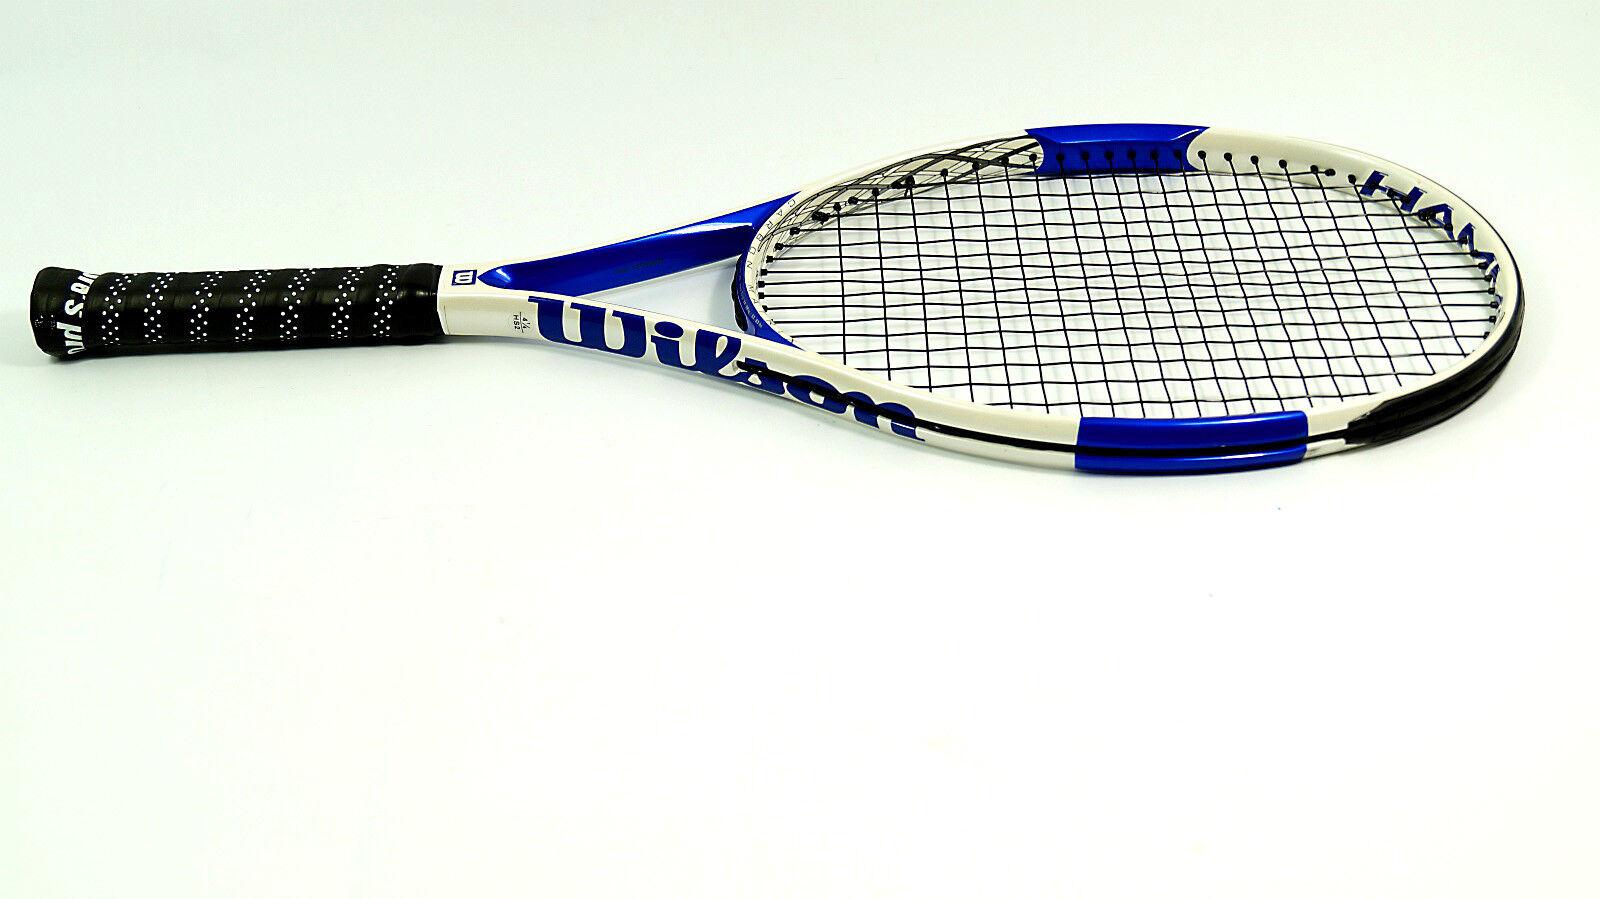 NEUWILSON NEUWILSON NEUWILSON HAMMER 6 Tennisschläger L2 H6 Midplus leicht 270g lite strung pro 316d3b